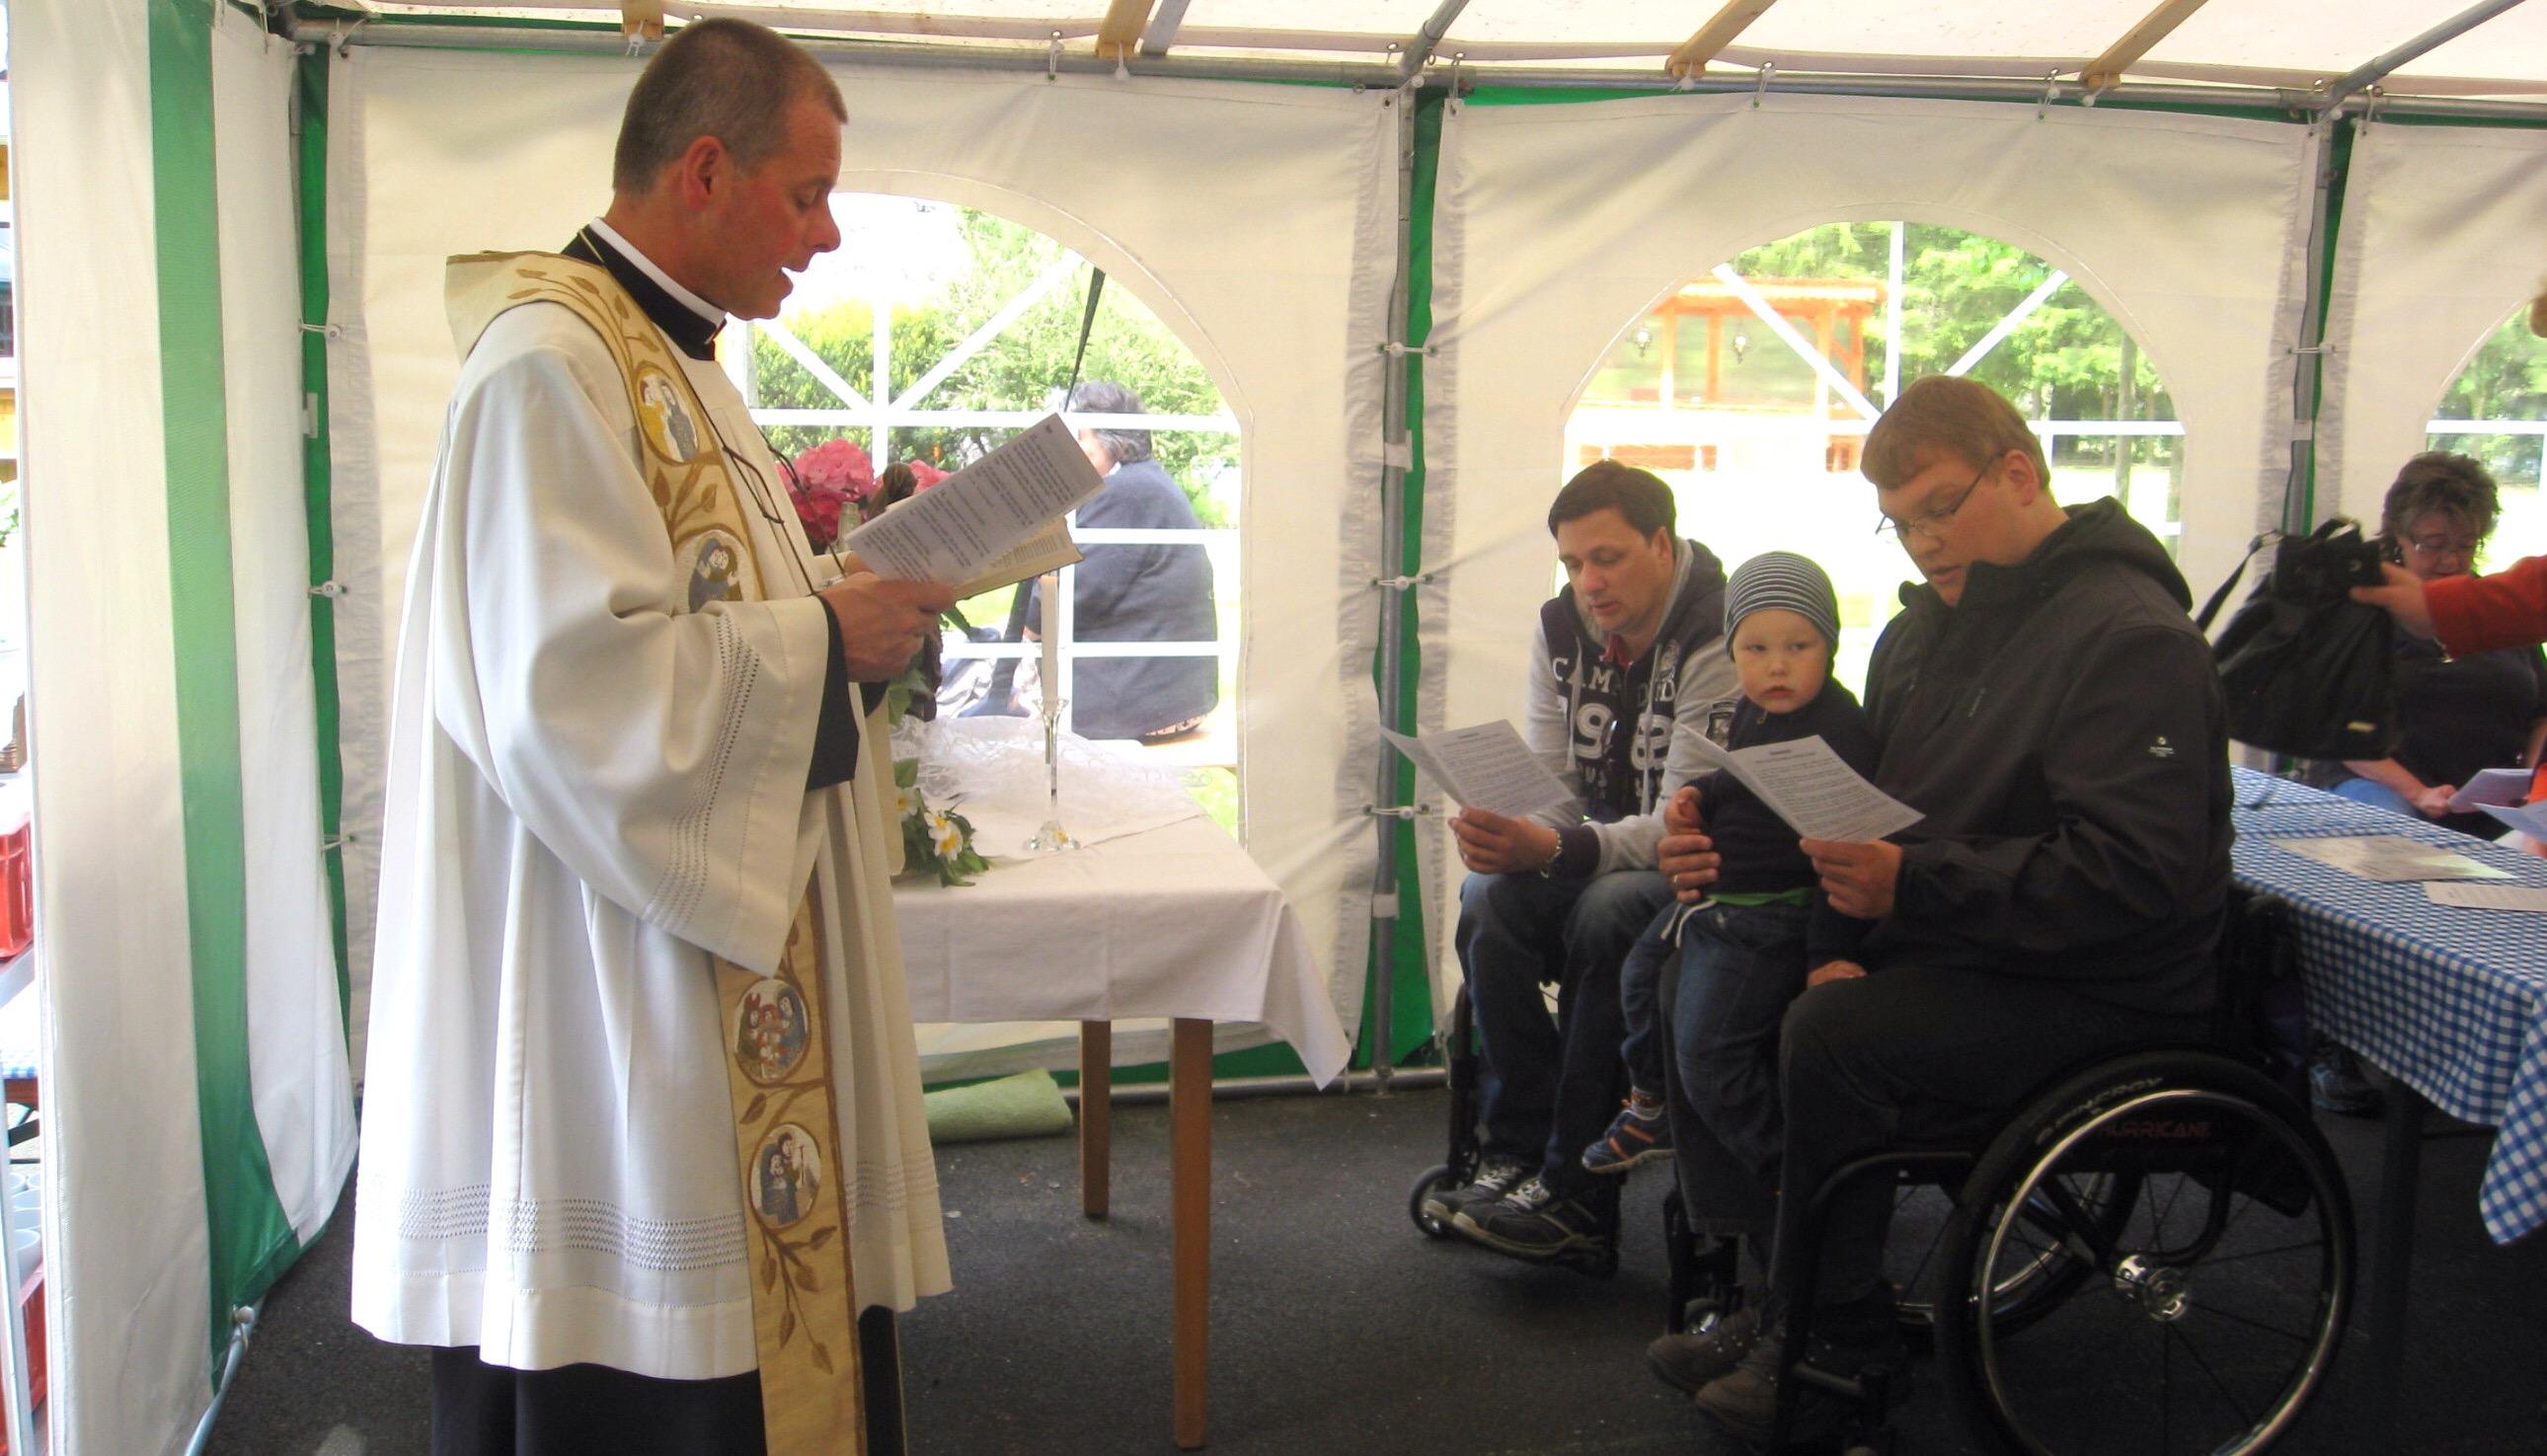 Pfarrer Peter Brolich gestaltete die Maiandacht